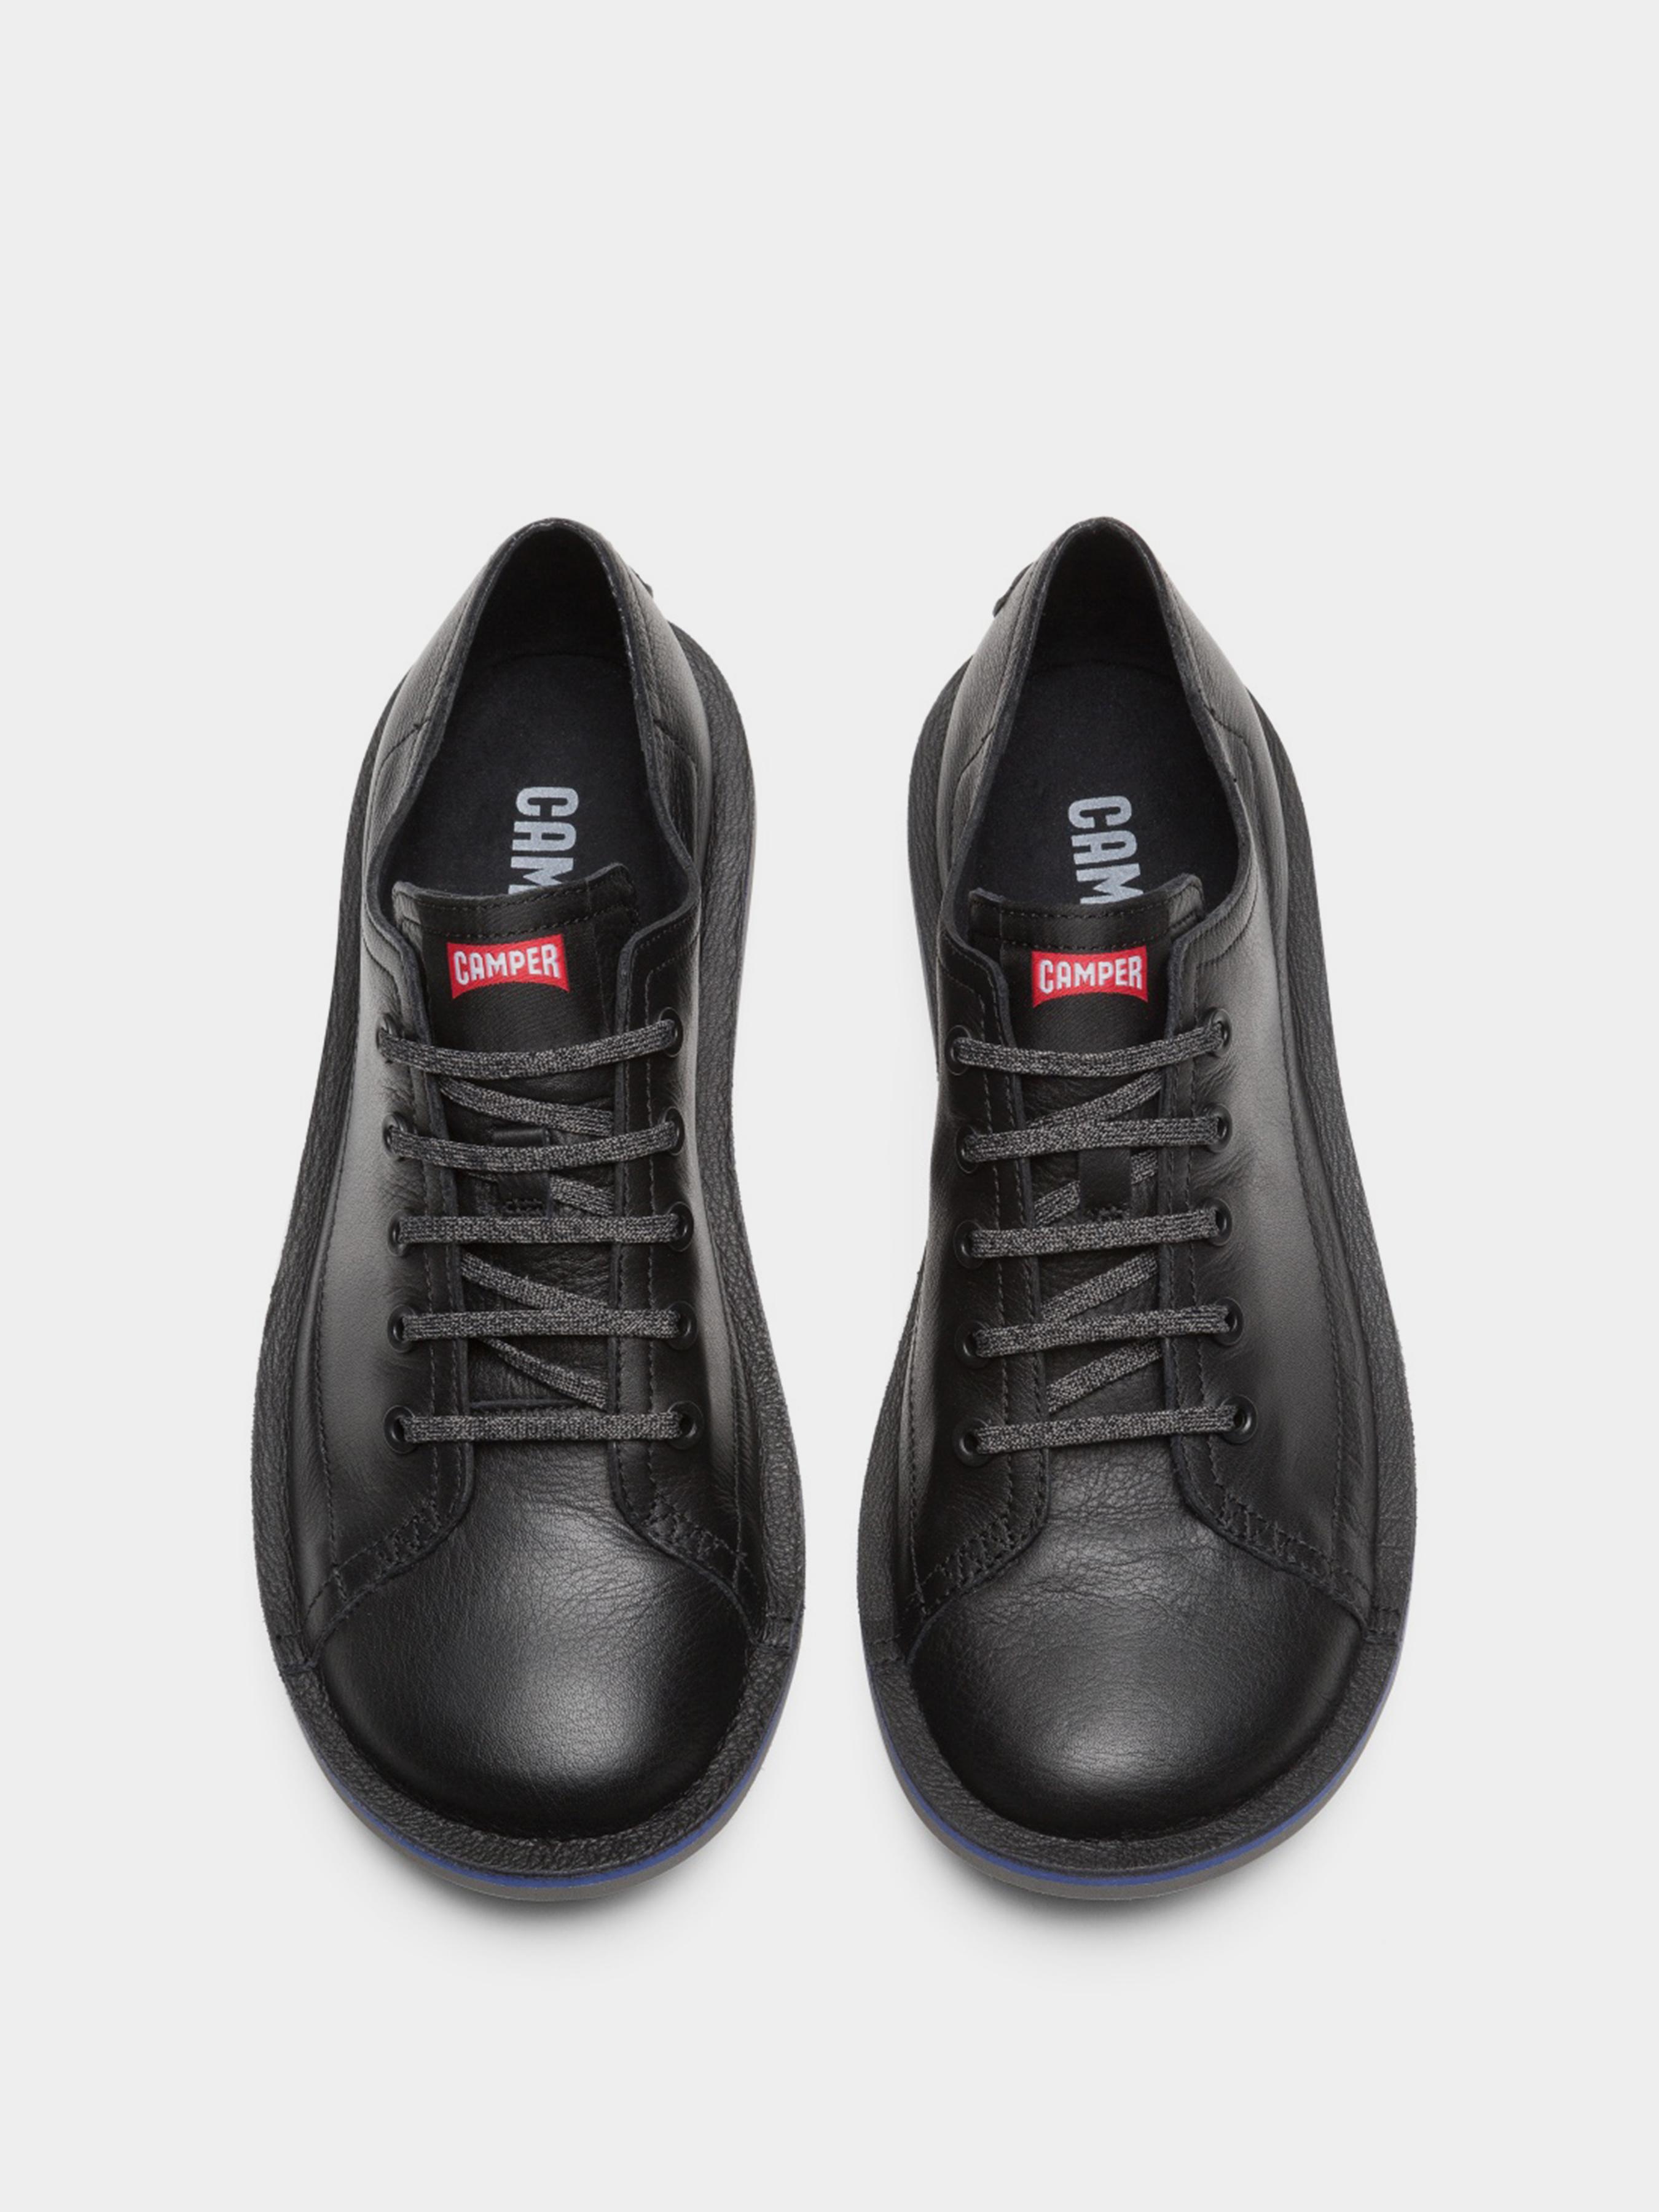 Полуботинки мужские Camper Beetle AM720 брендовая обувь, 2017